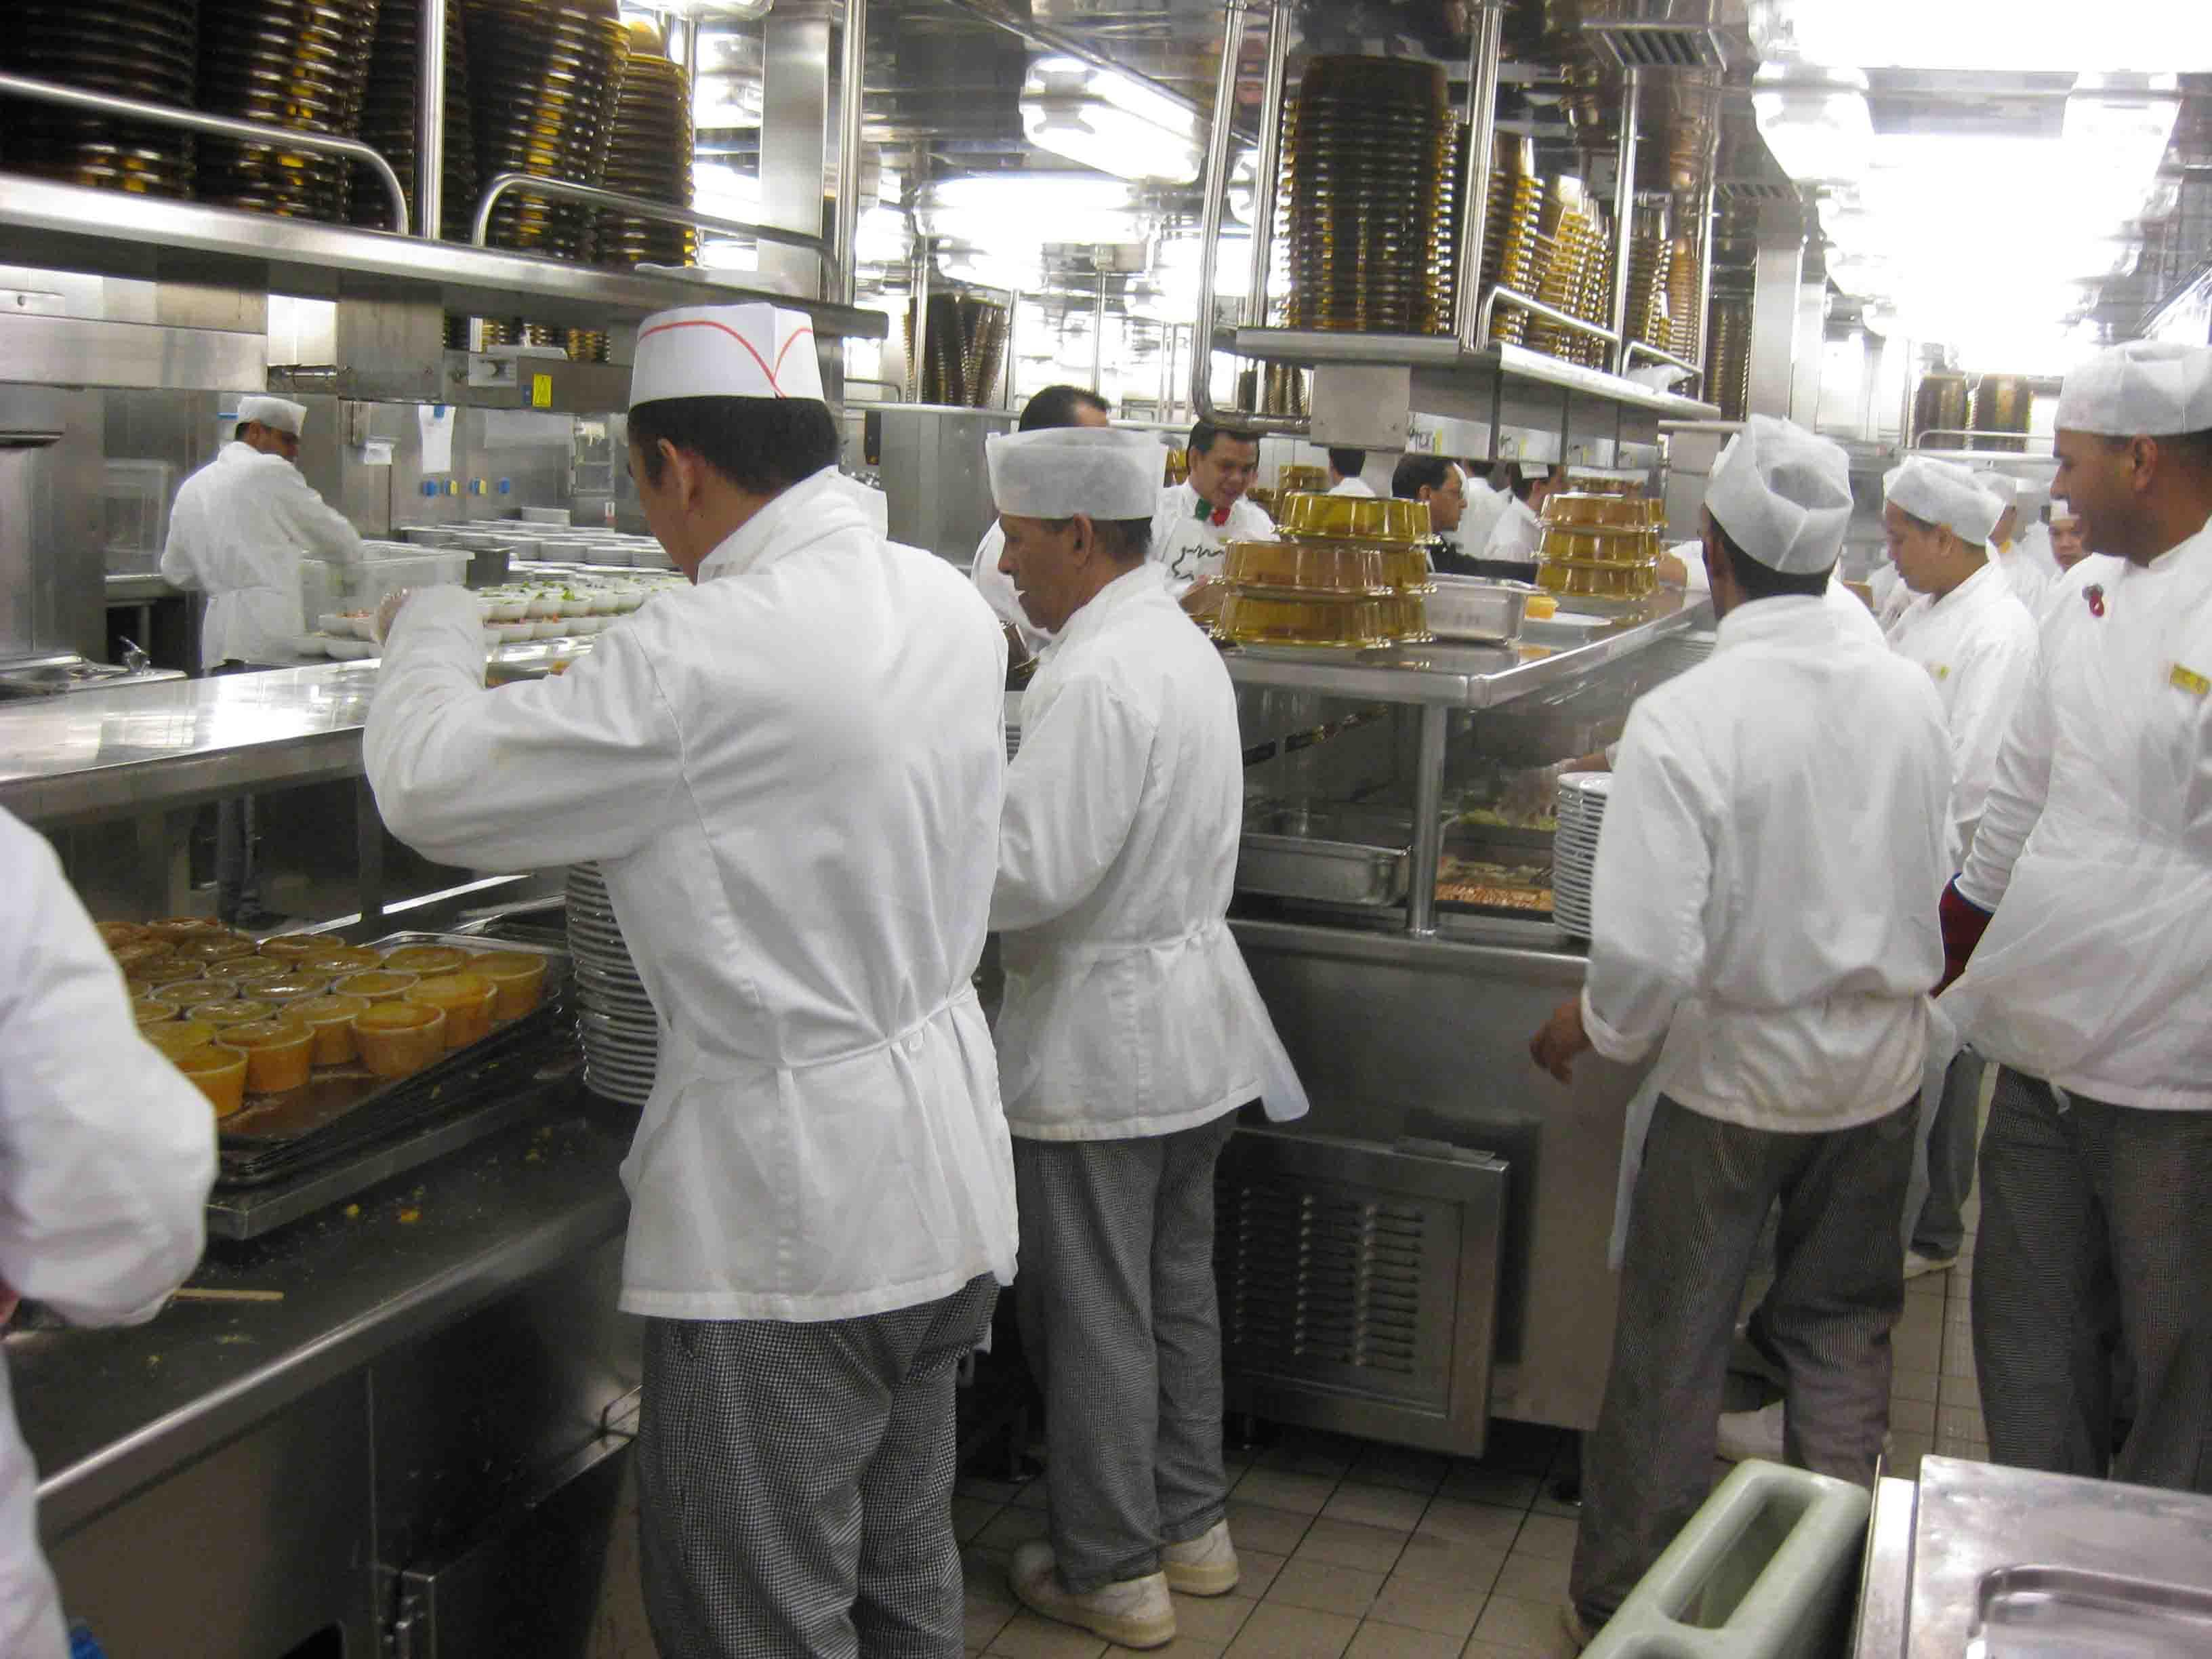 curso-organizacao-cozinha-01